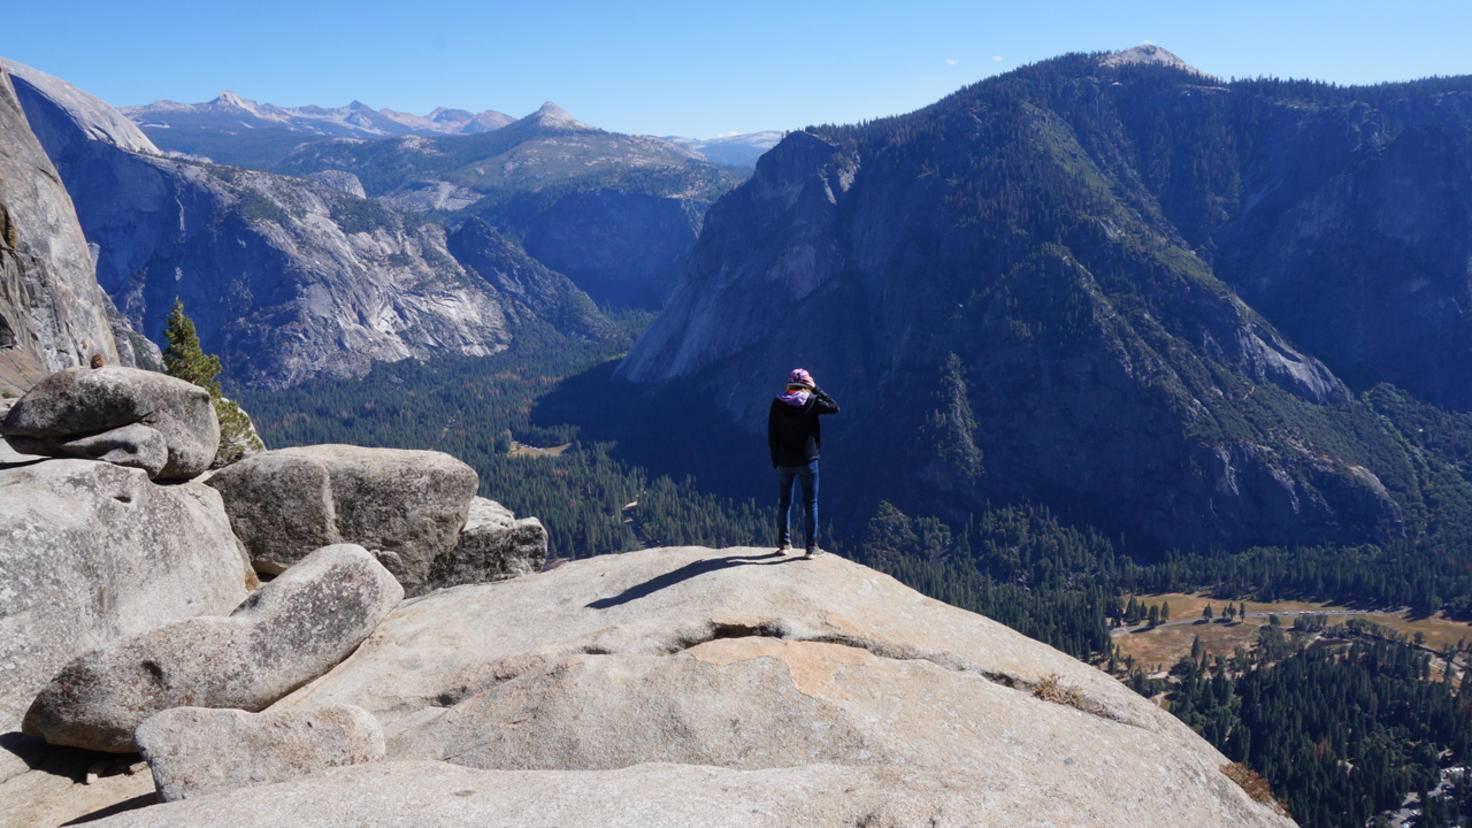 Die meisten Felswände (auch El Cap) lassen sich auch durch Hiking-Trails besteigen.